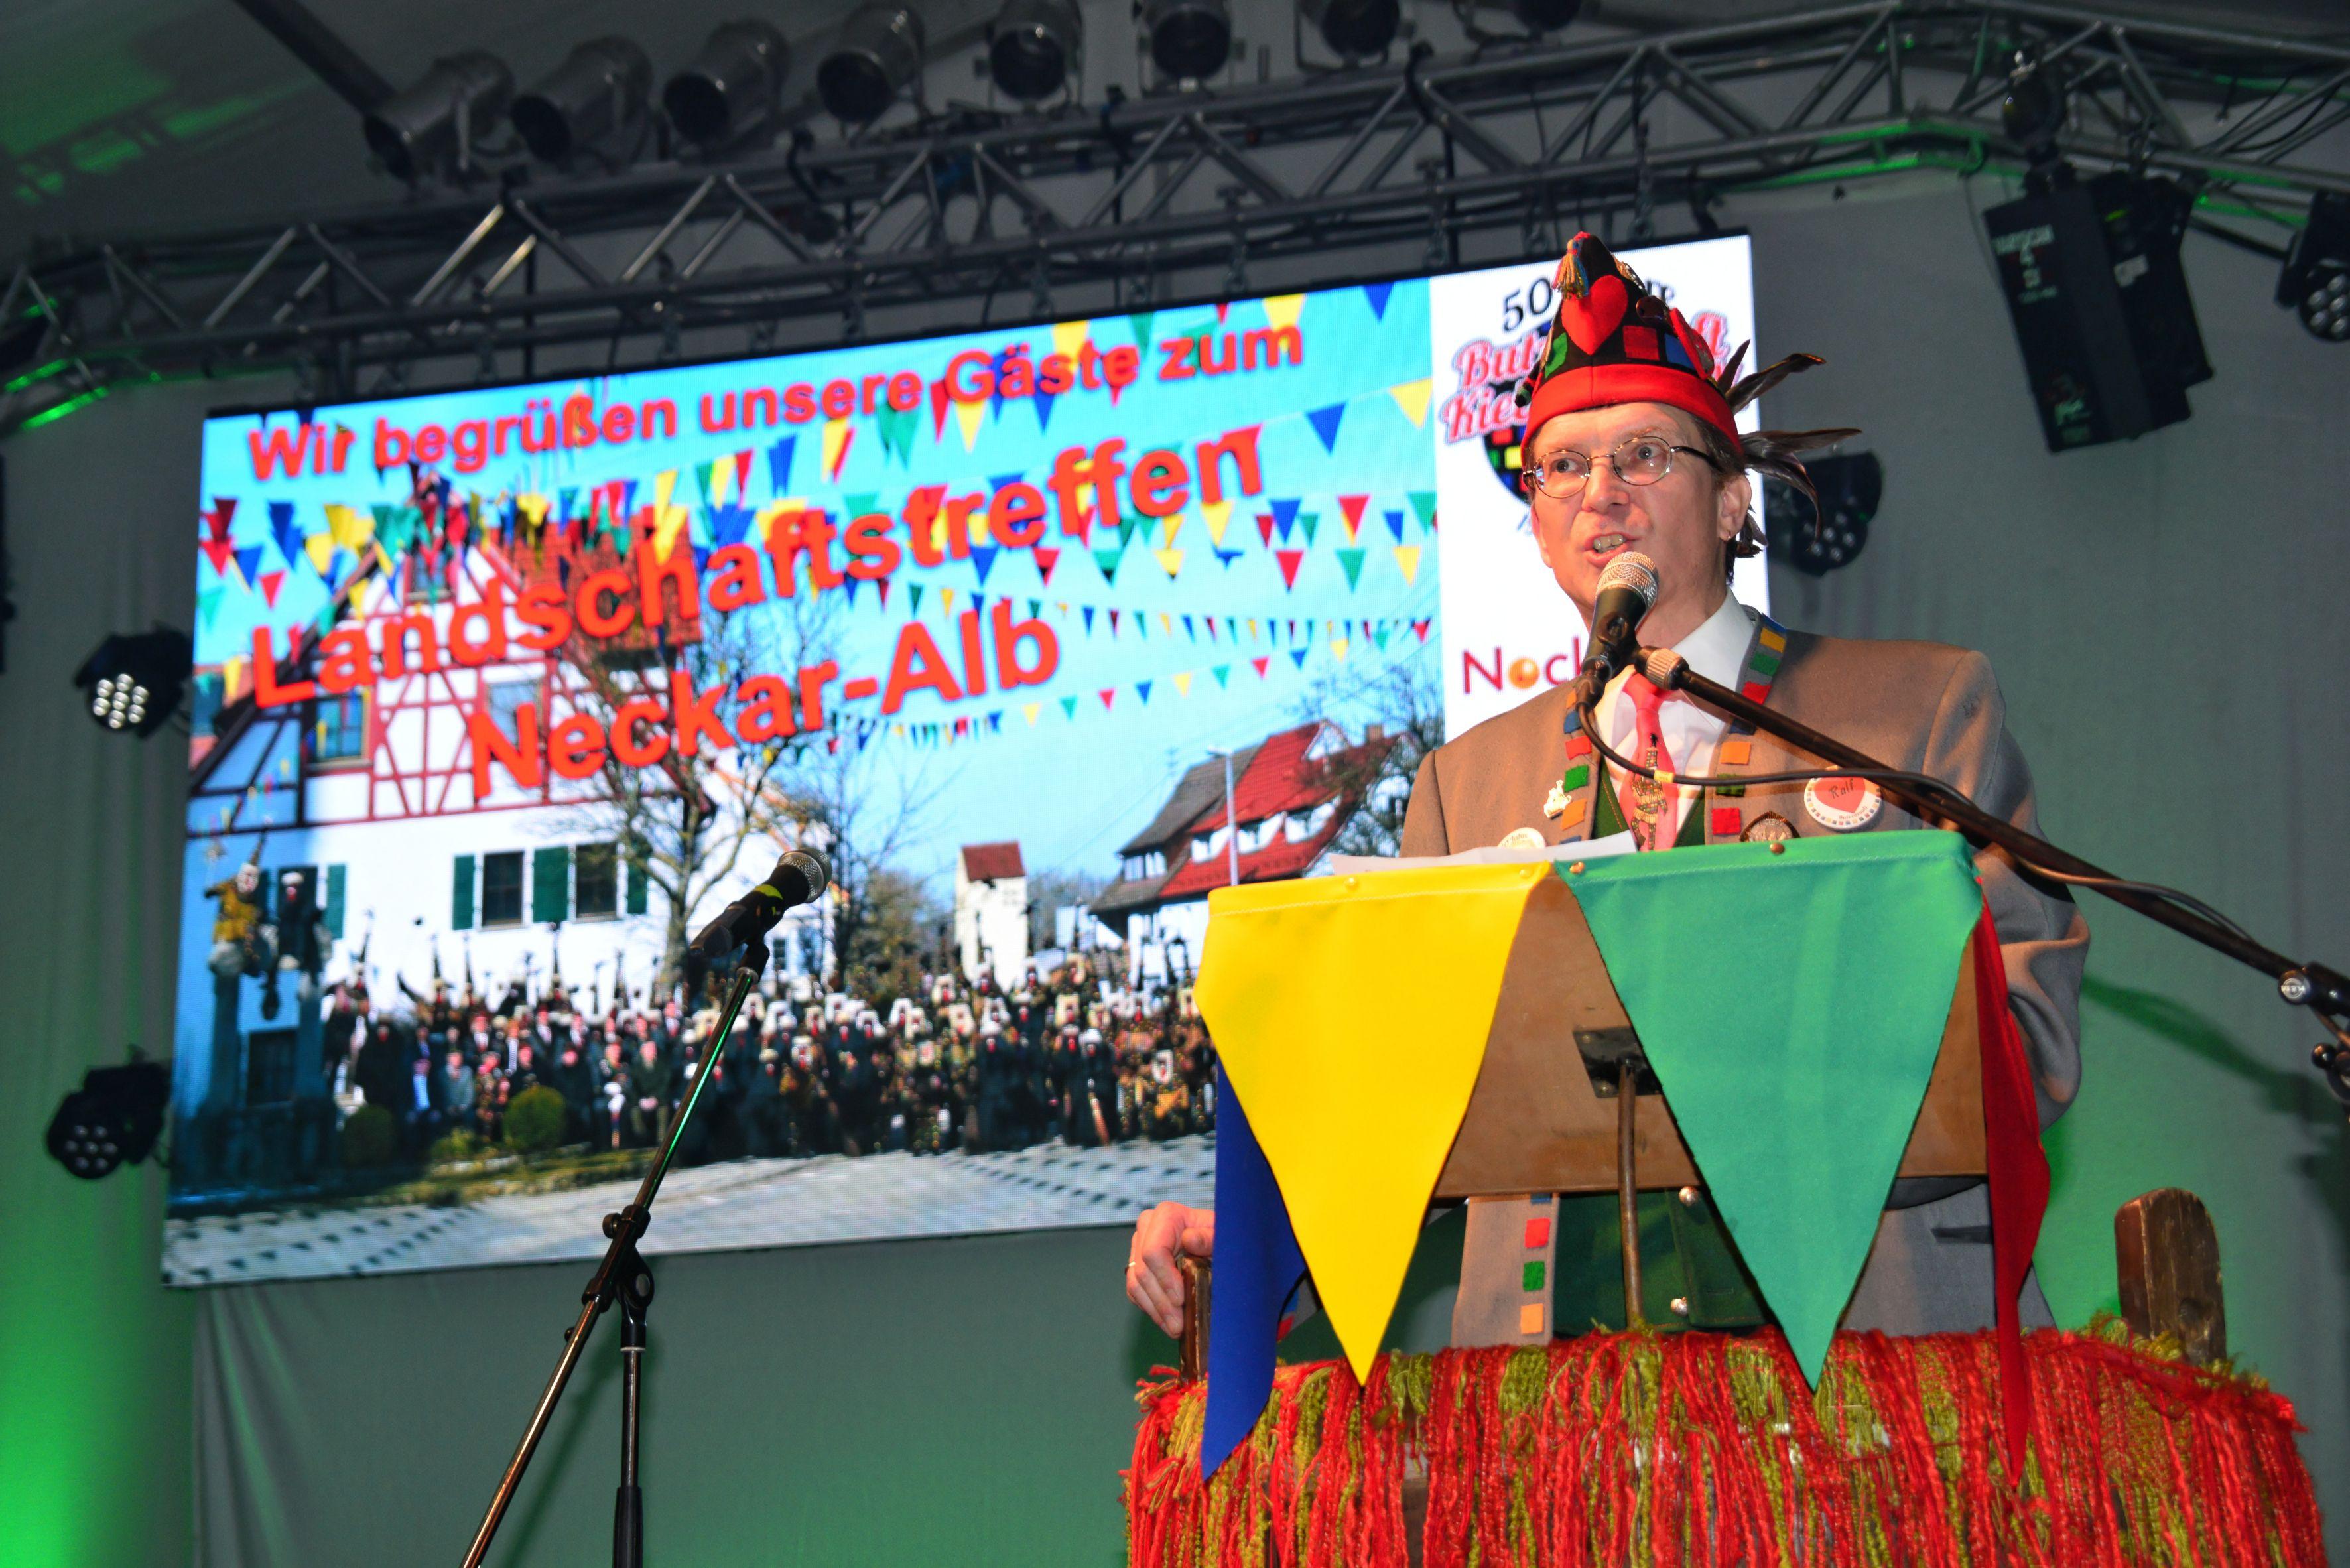 Begrüßung der Gäste durch den Zunftmeister Ralf Eberhardt